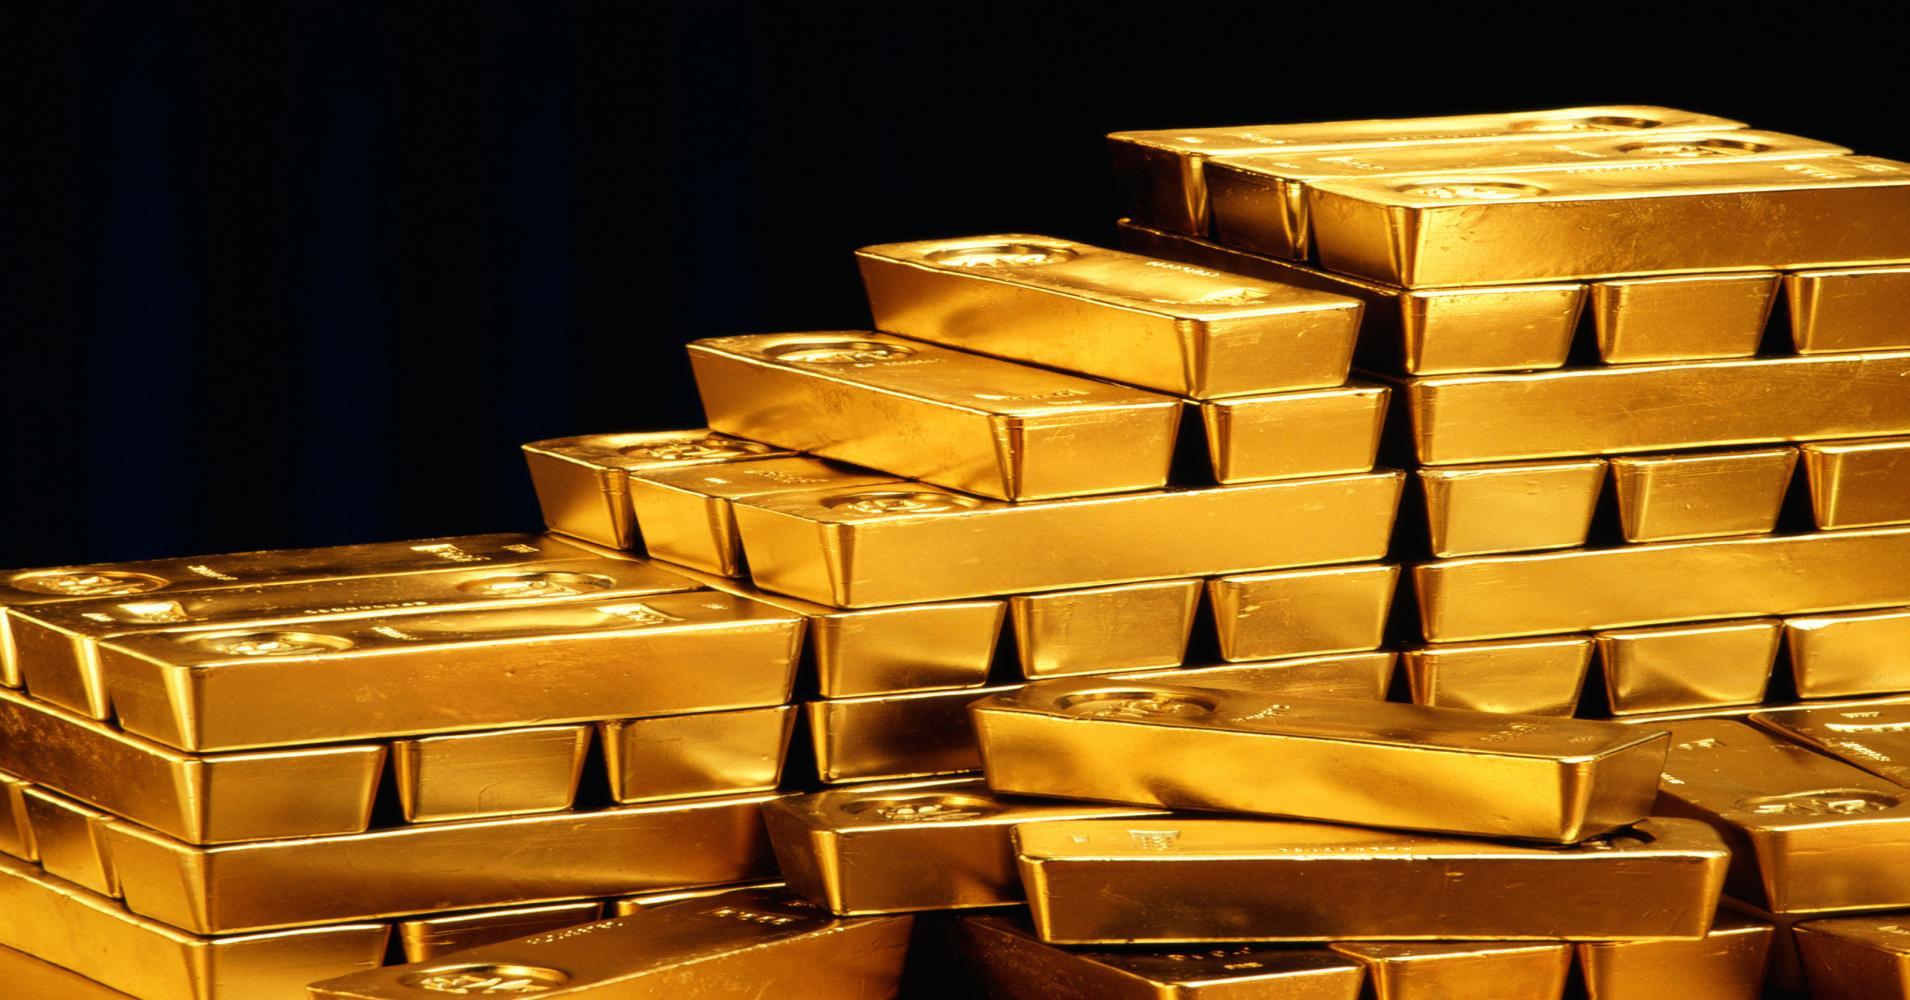 بالصور تفسير حلم الذهب , معنى الذهب في الحلم 3767 14